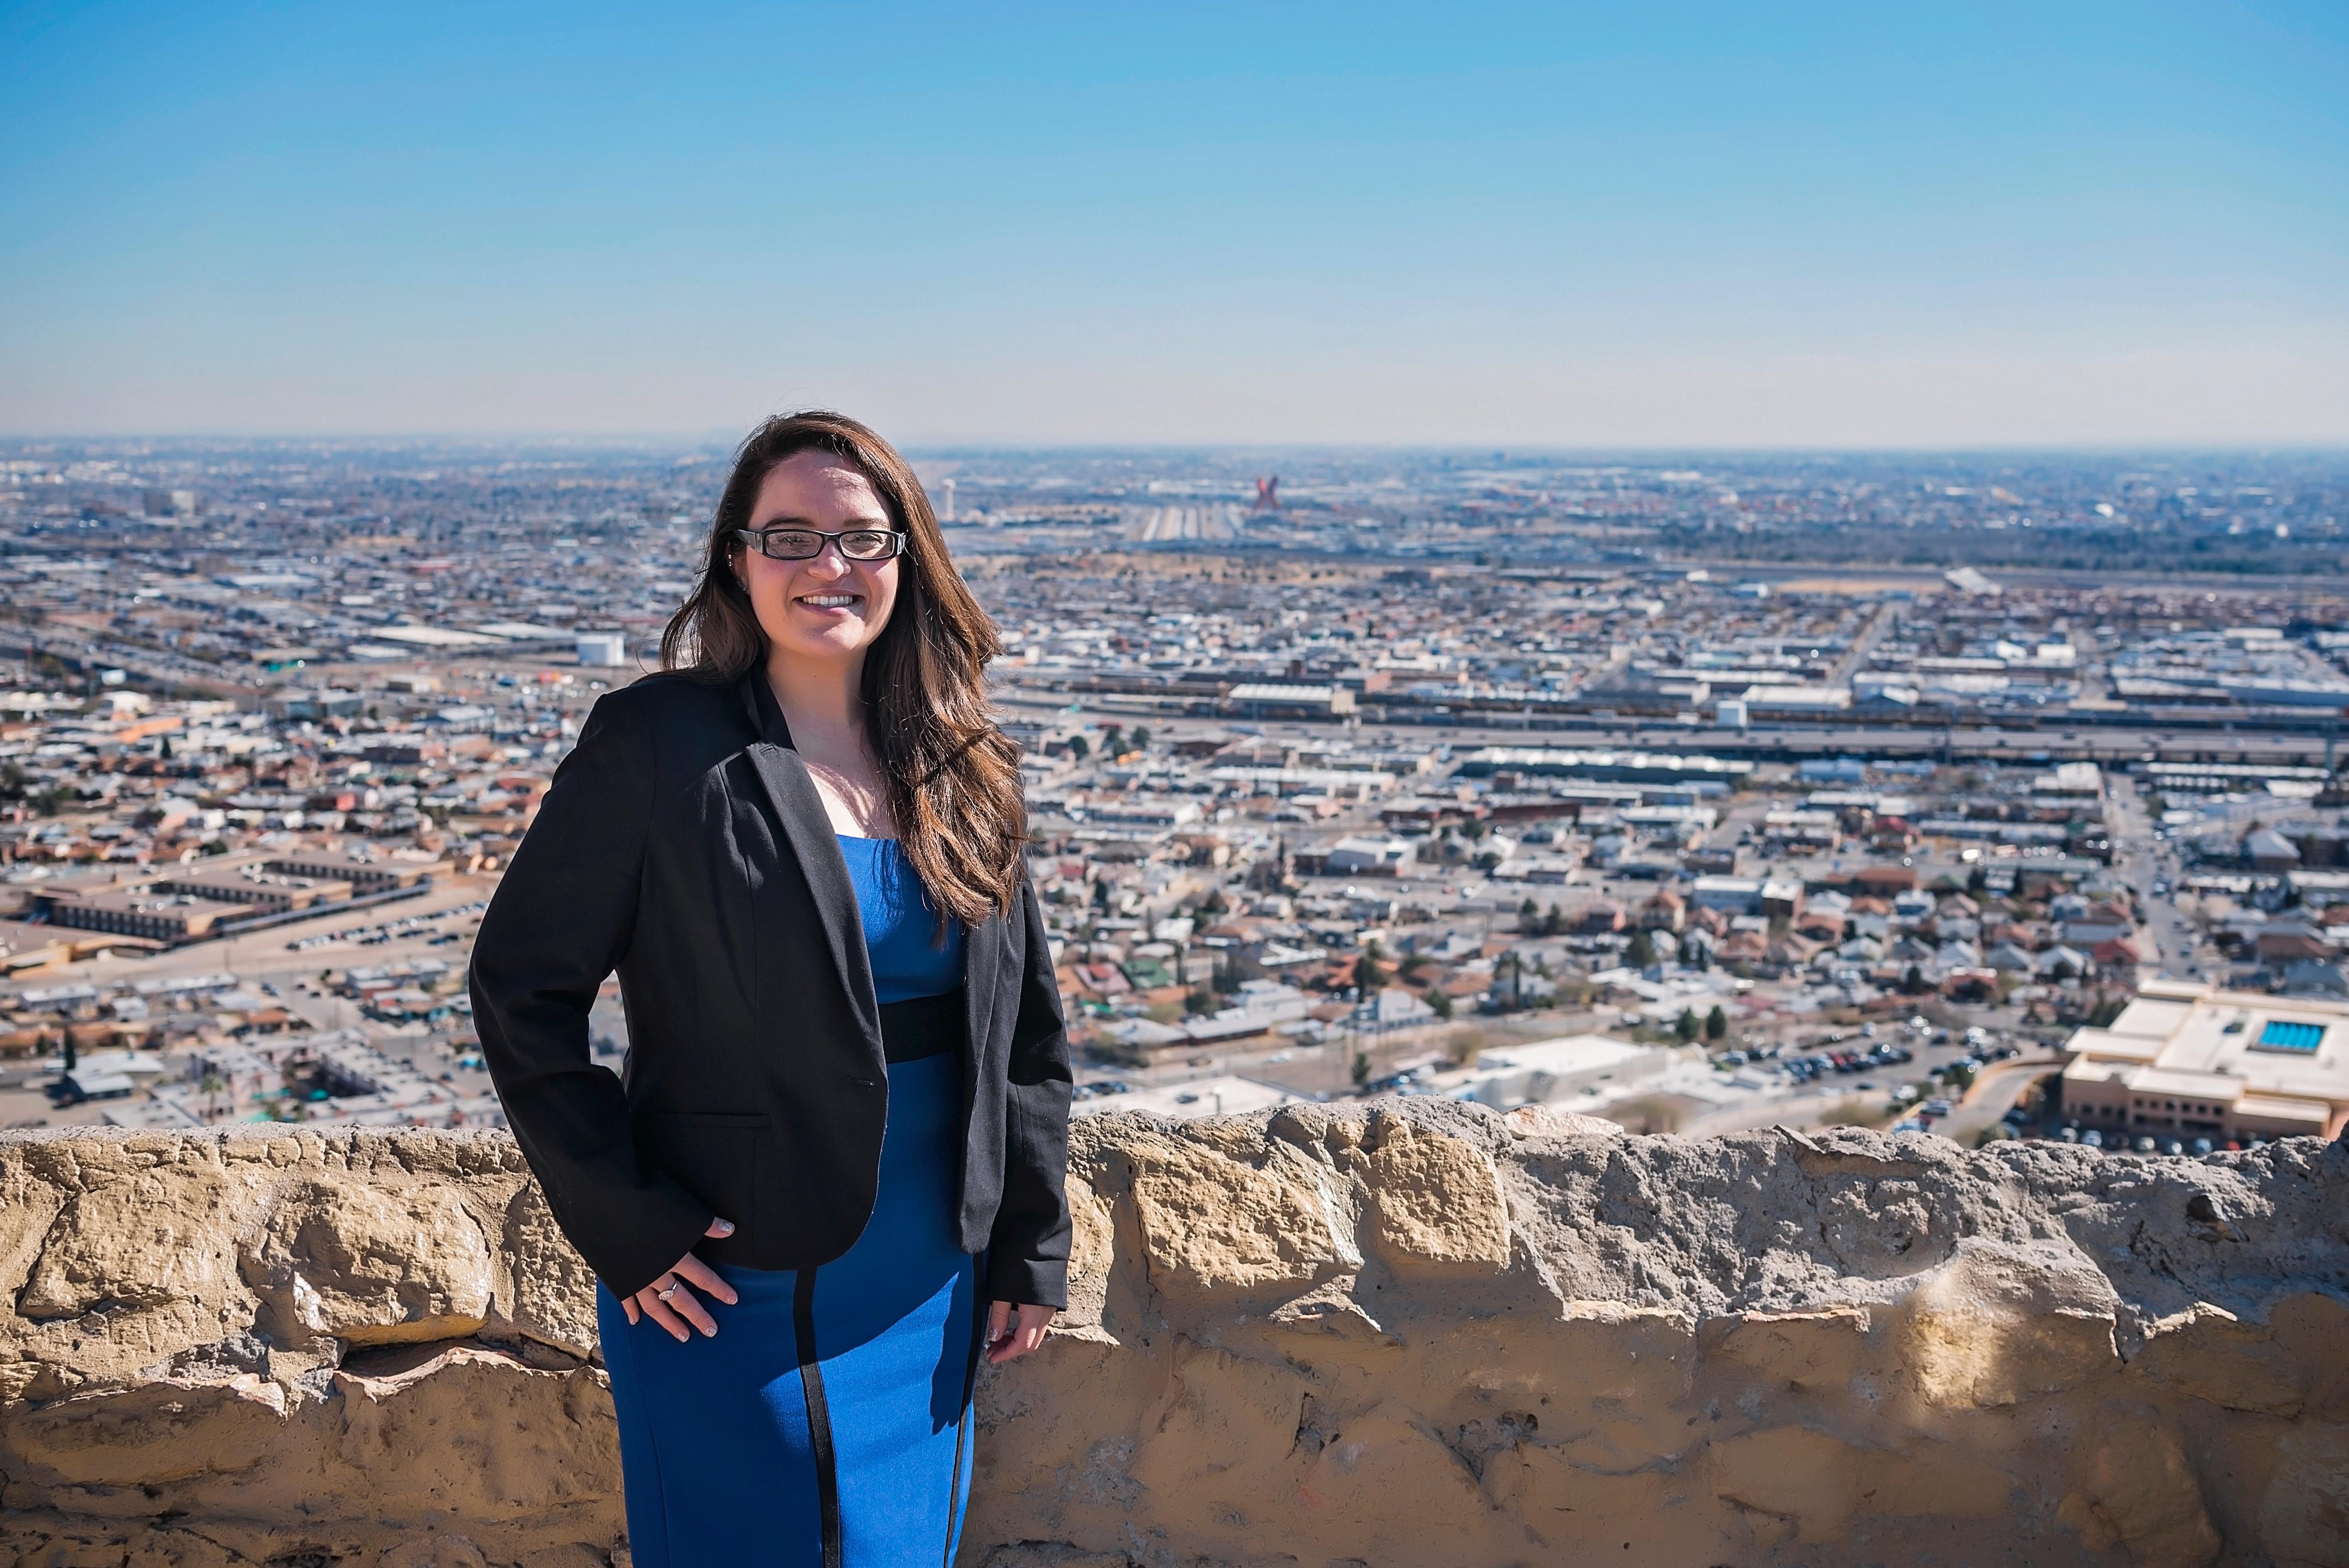 El Paso Tx Attorney